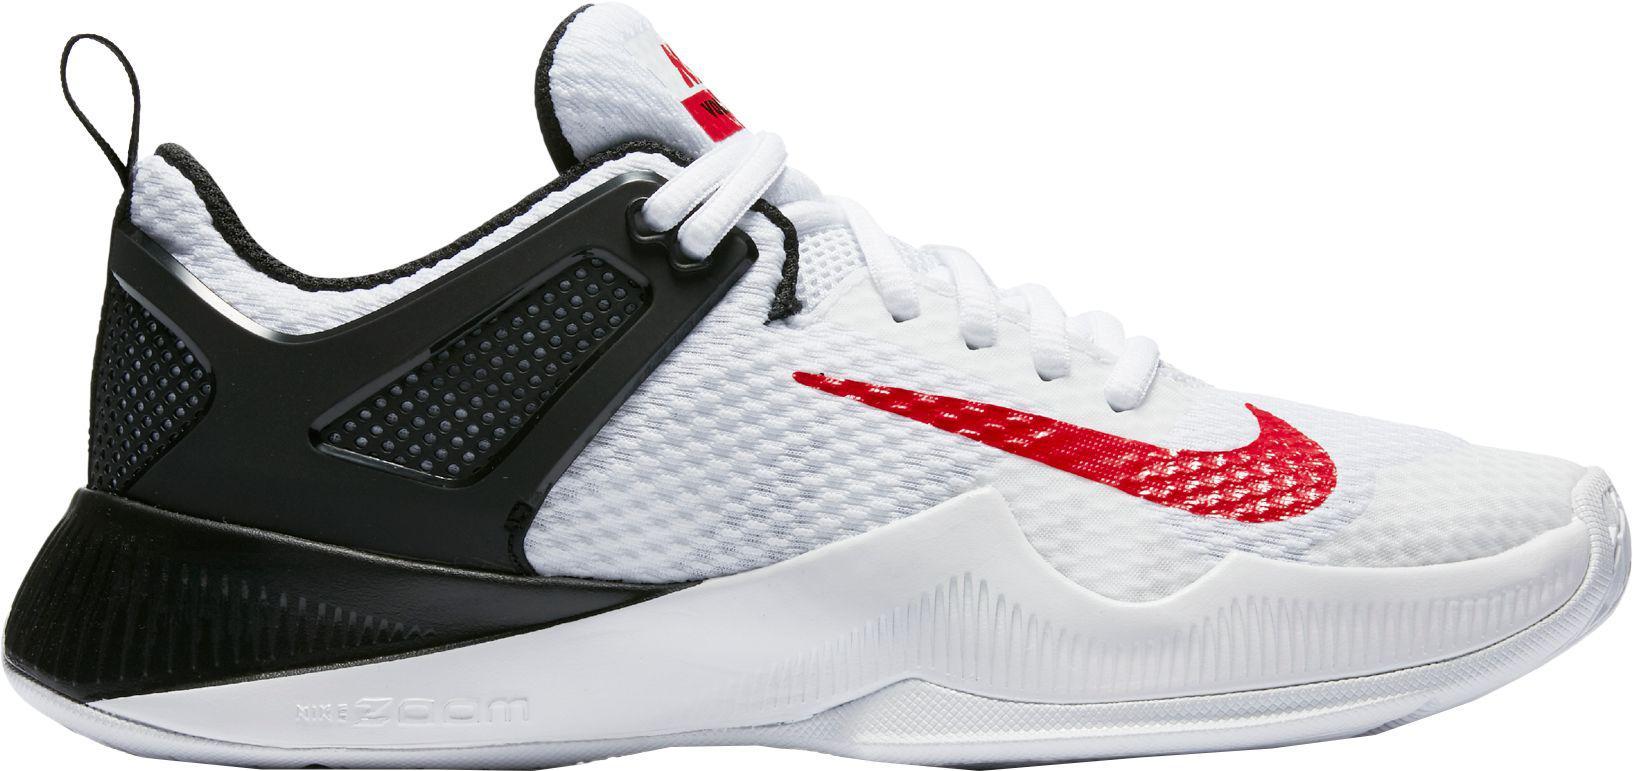 Lyst Air Hyperace voor volleybalschoenen heren Zoom Nike r6qWS5r